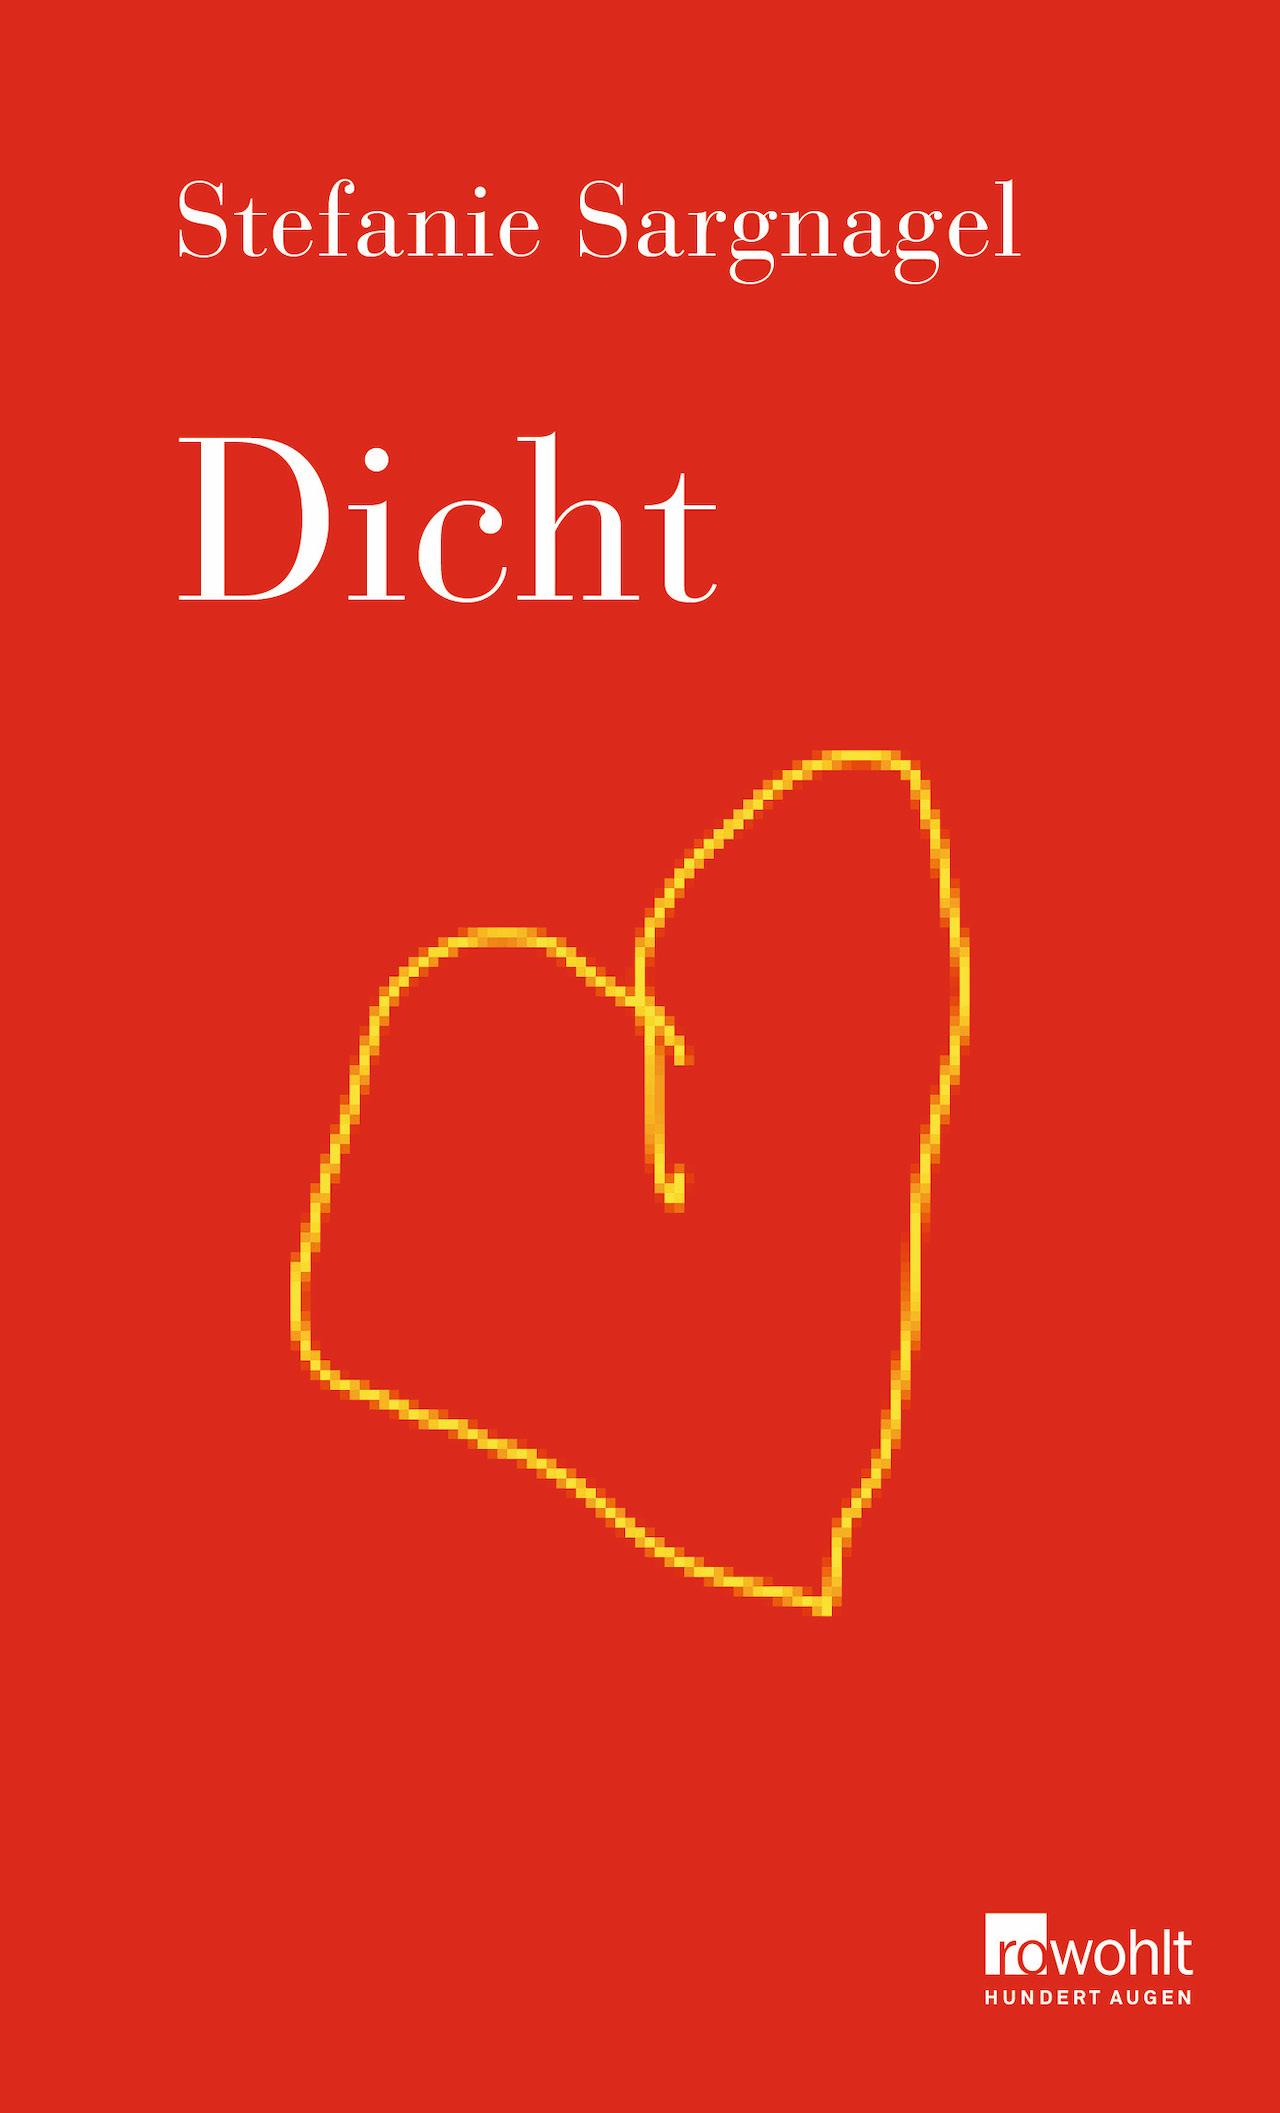 """Stefanie Sargnagel """"Dicht"""" Roman Cover"""